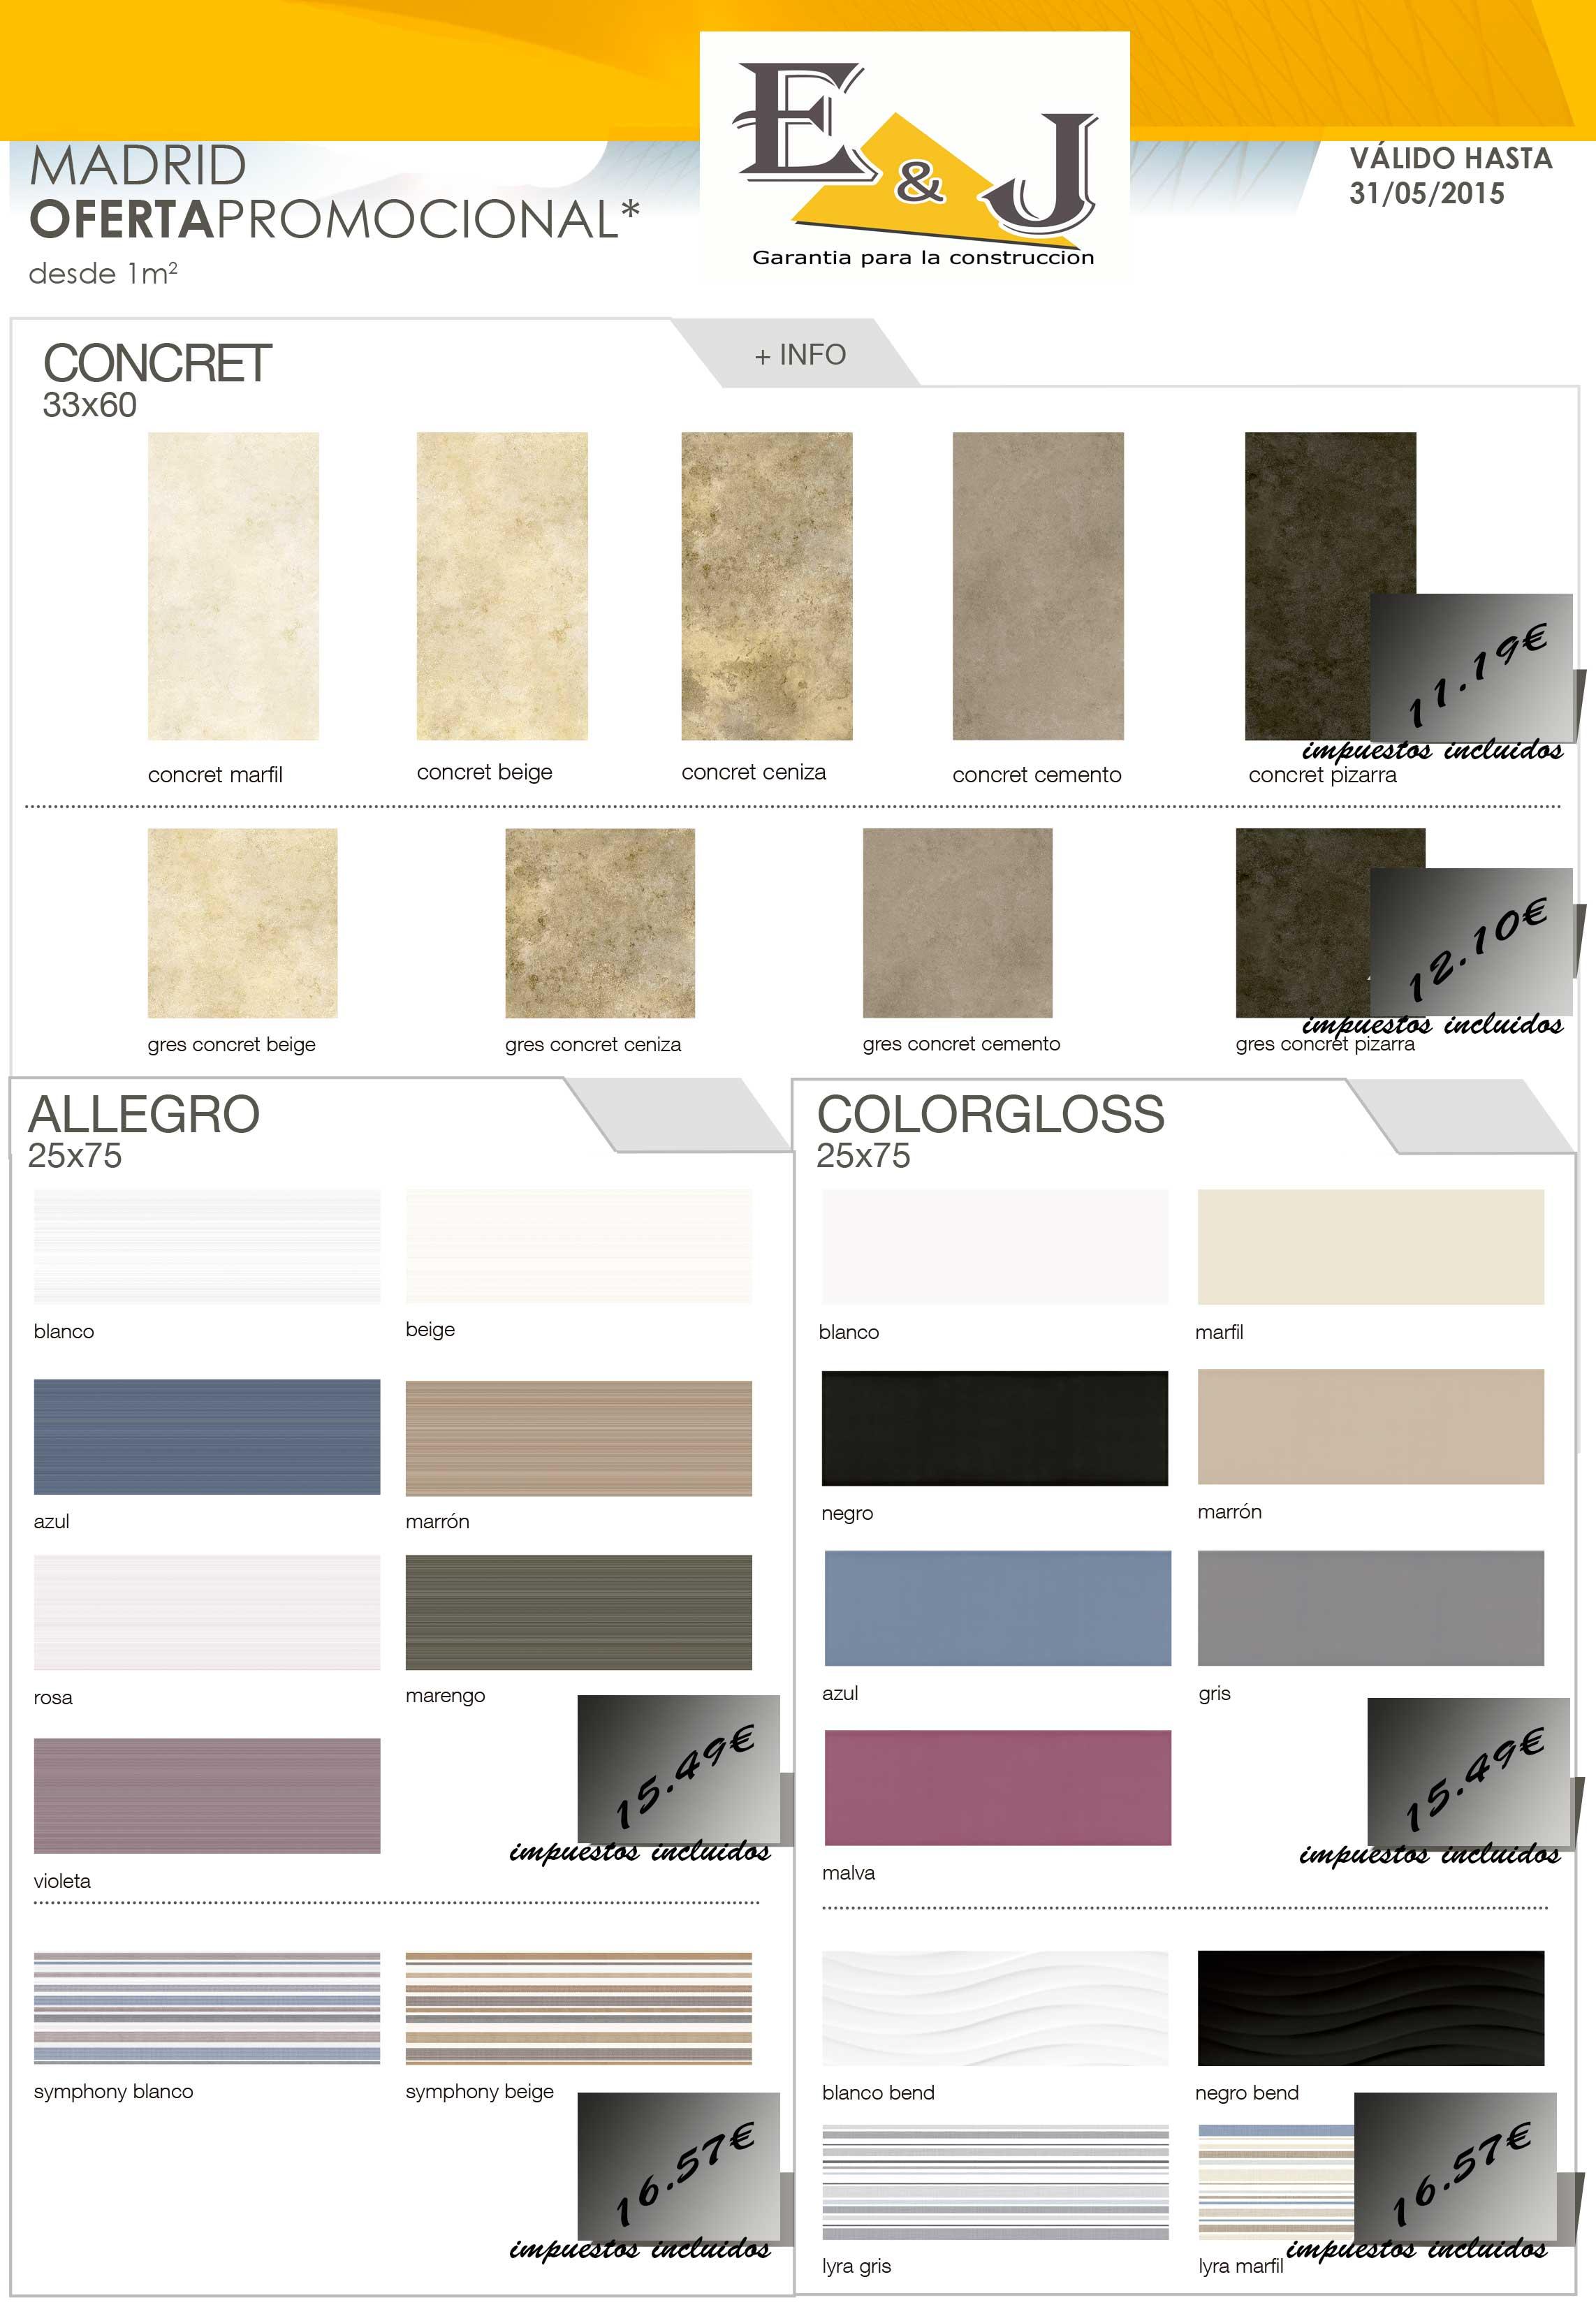 Comprar azulejos y pavimentos en madrid for Comprar azulejos sueltos